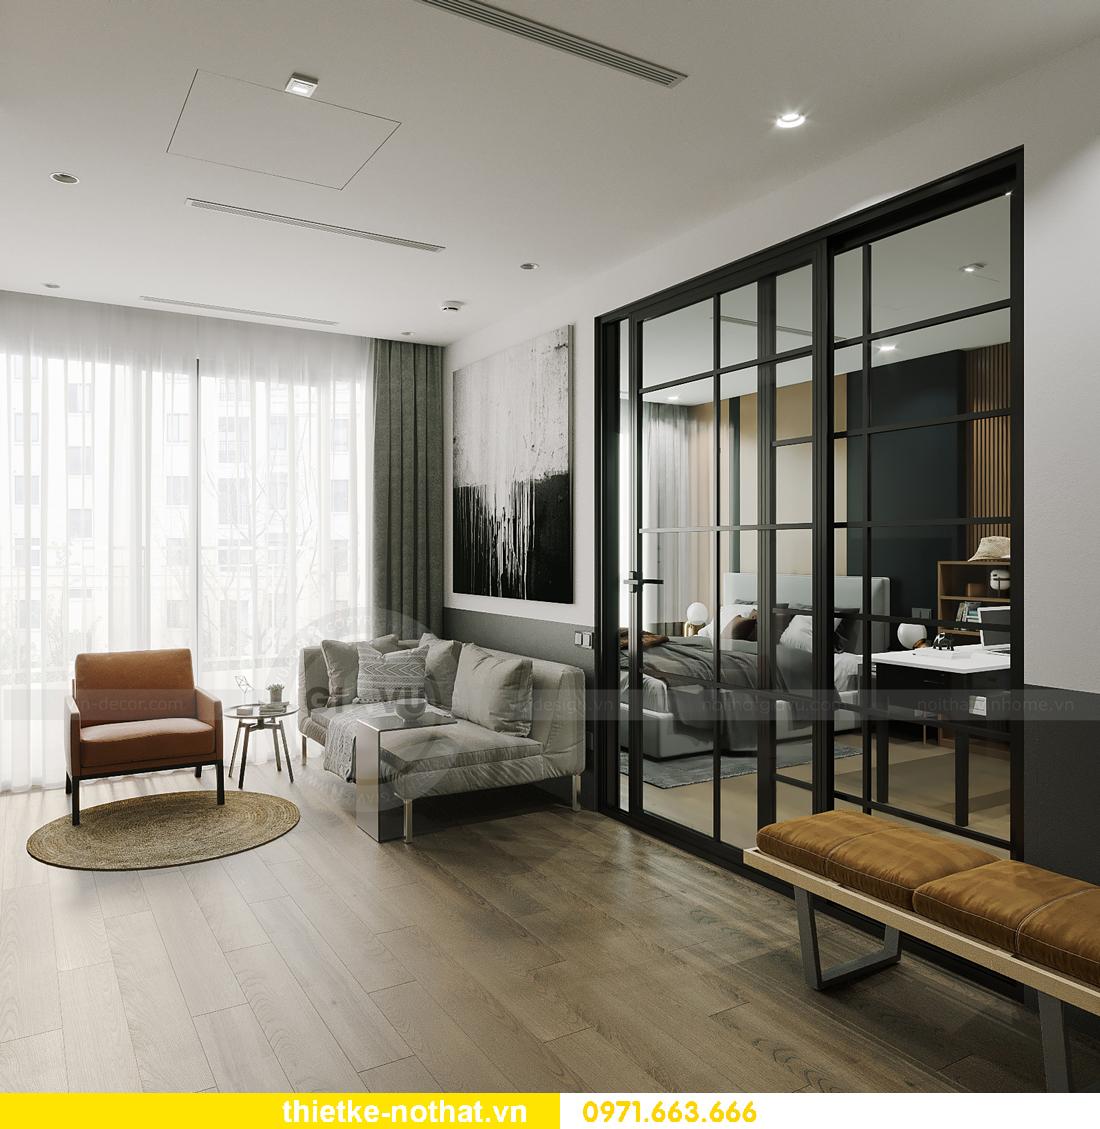 thiết kế nội thất căn hộ chung cư Smart City tòa S102 căn 09 5